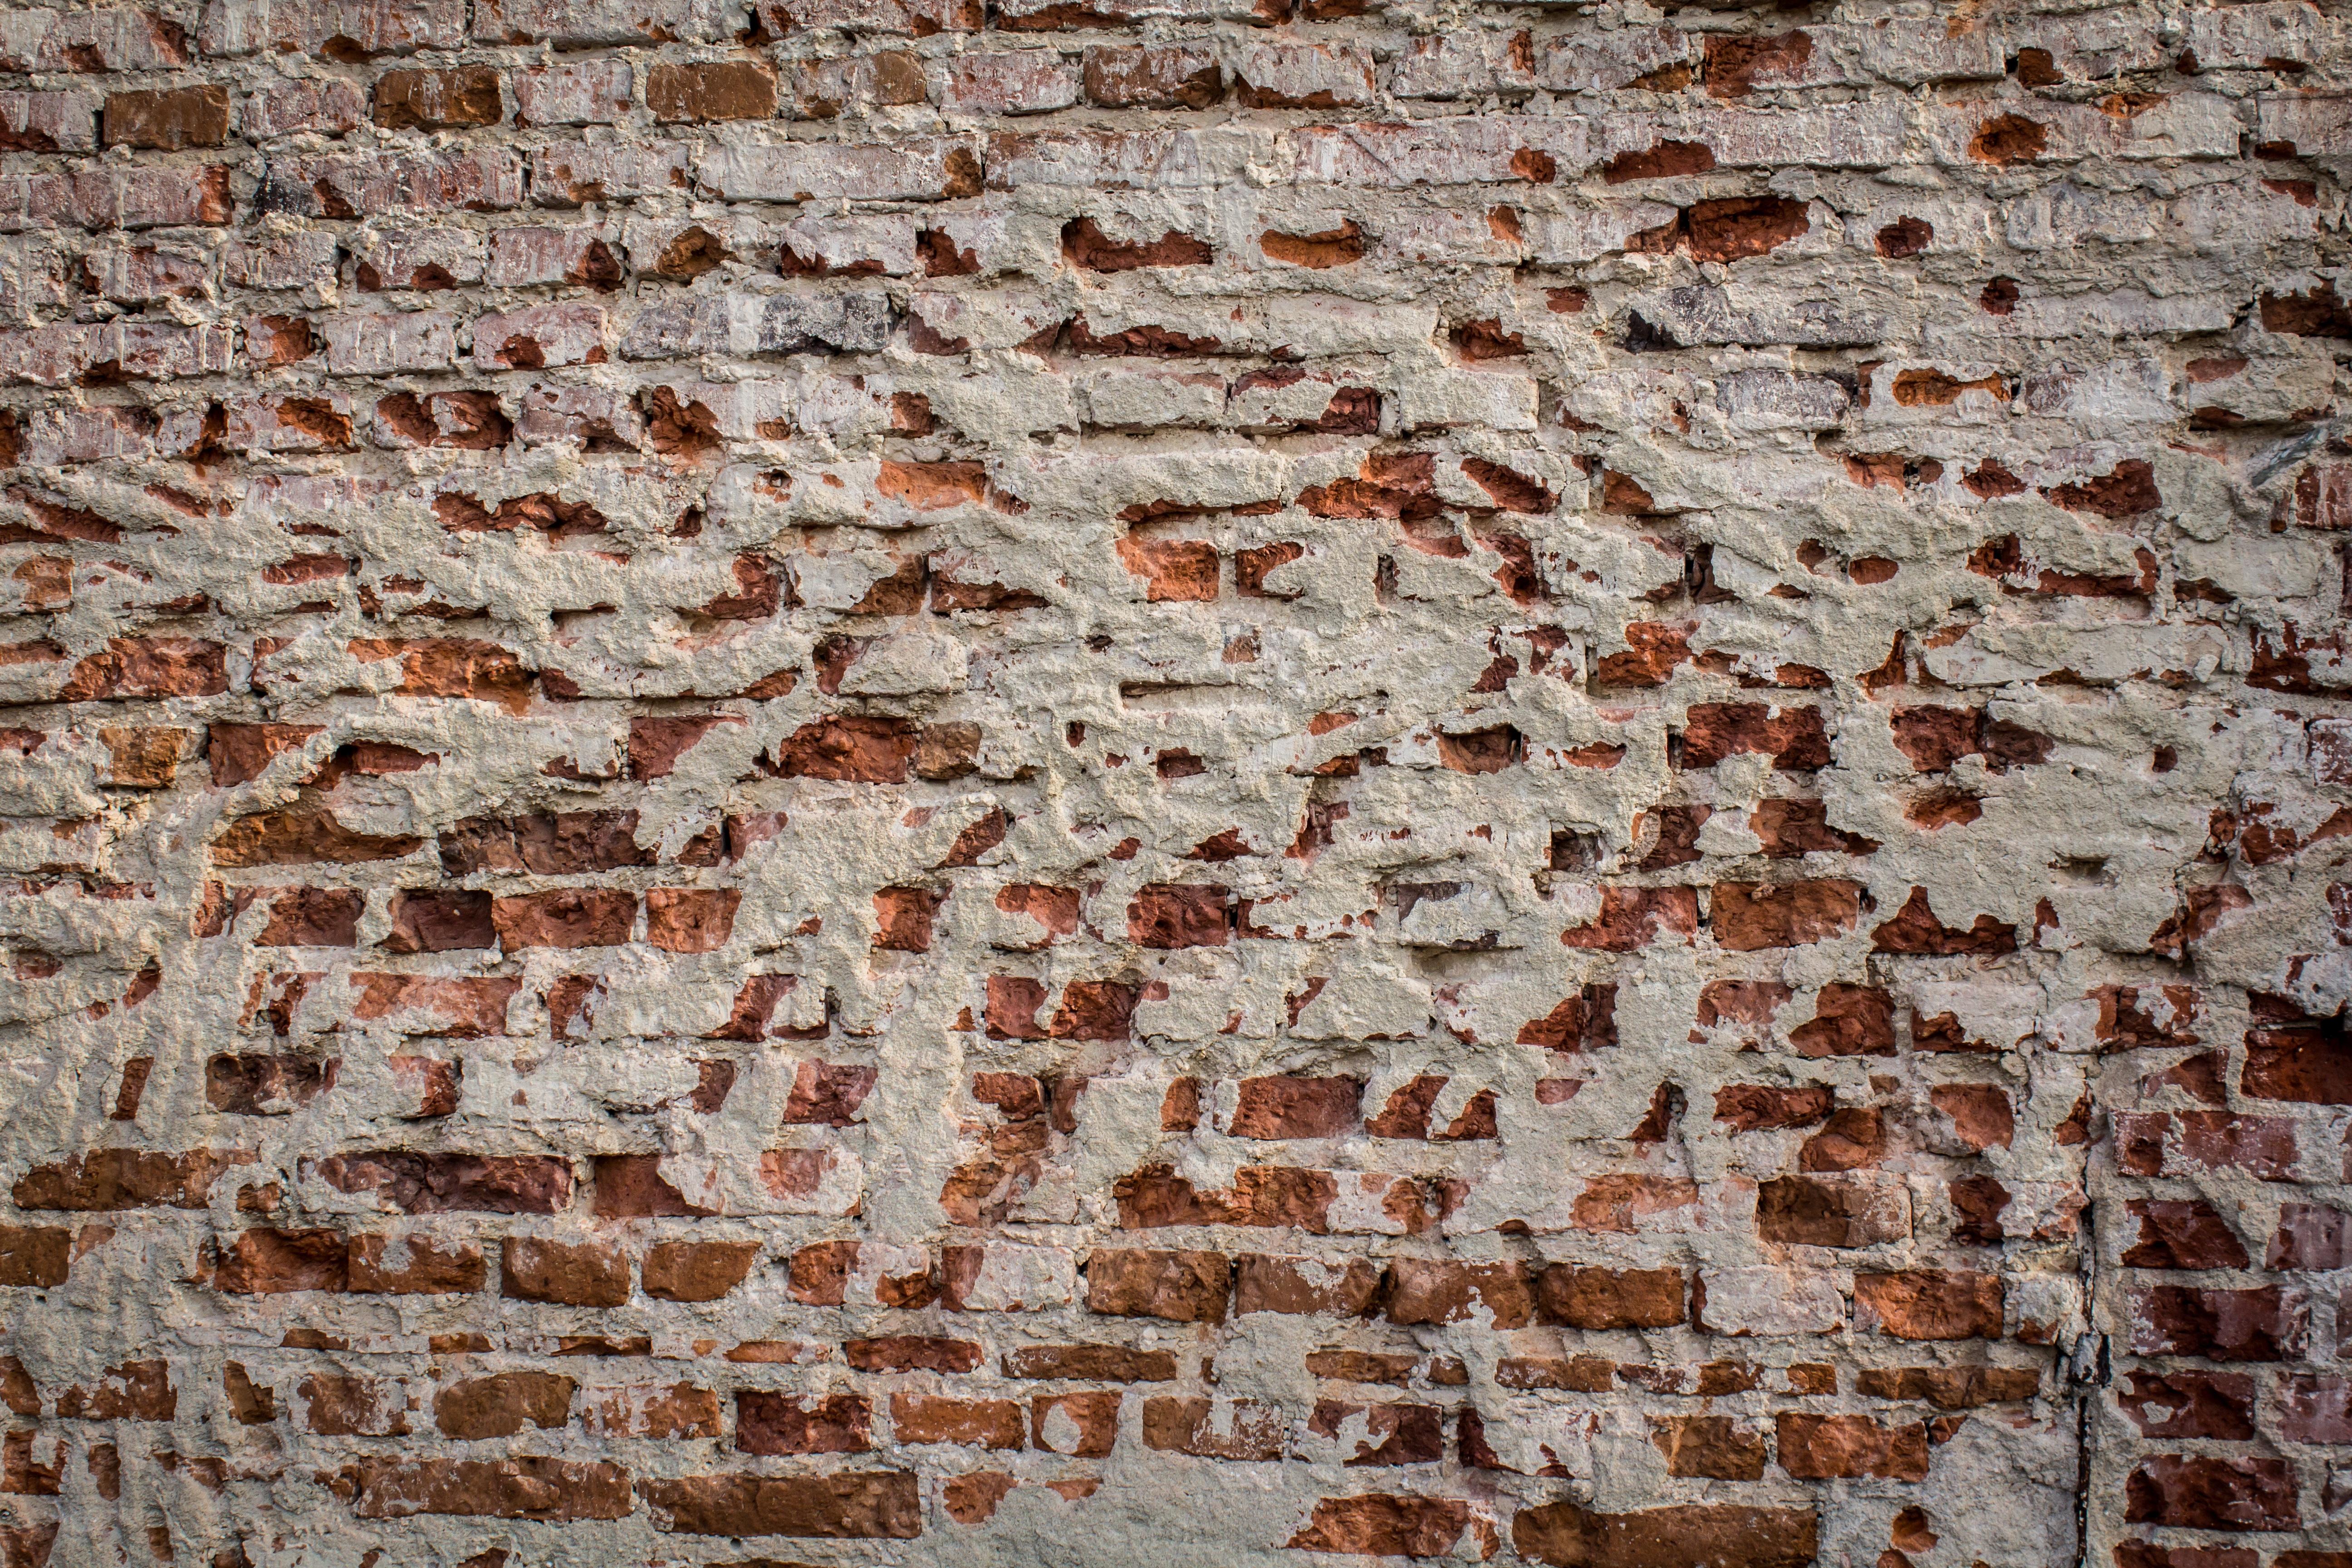 fotos gratis : rock, textura, suelo, pared de piedra, material